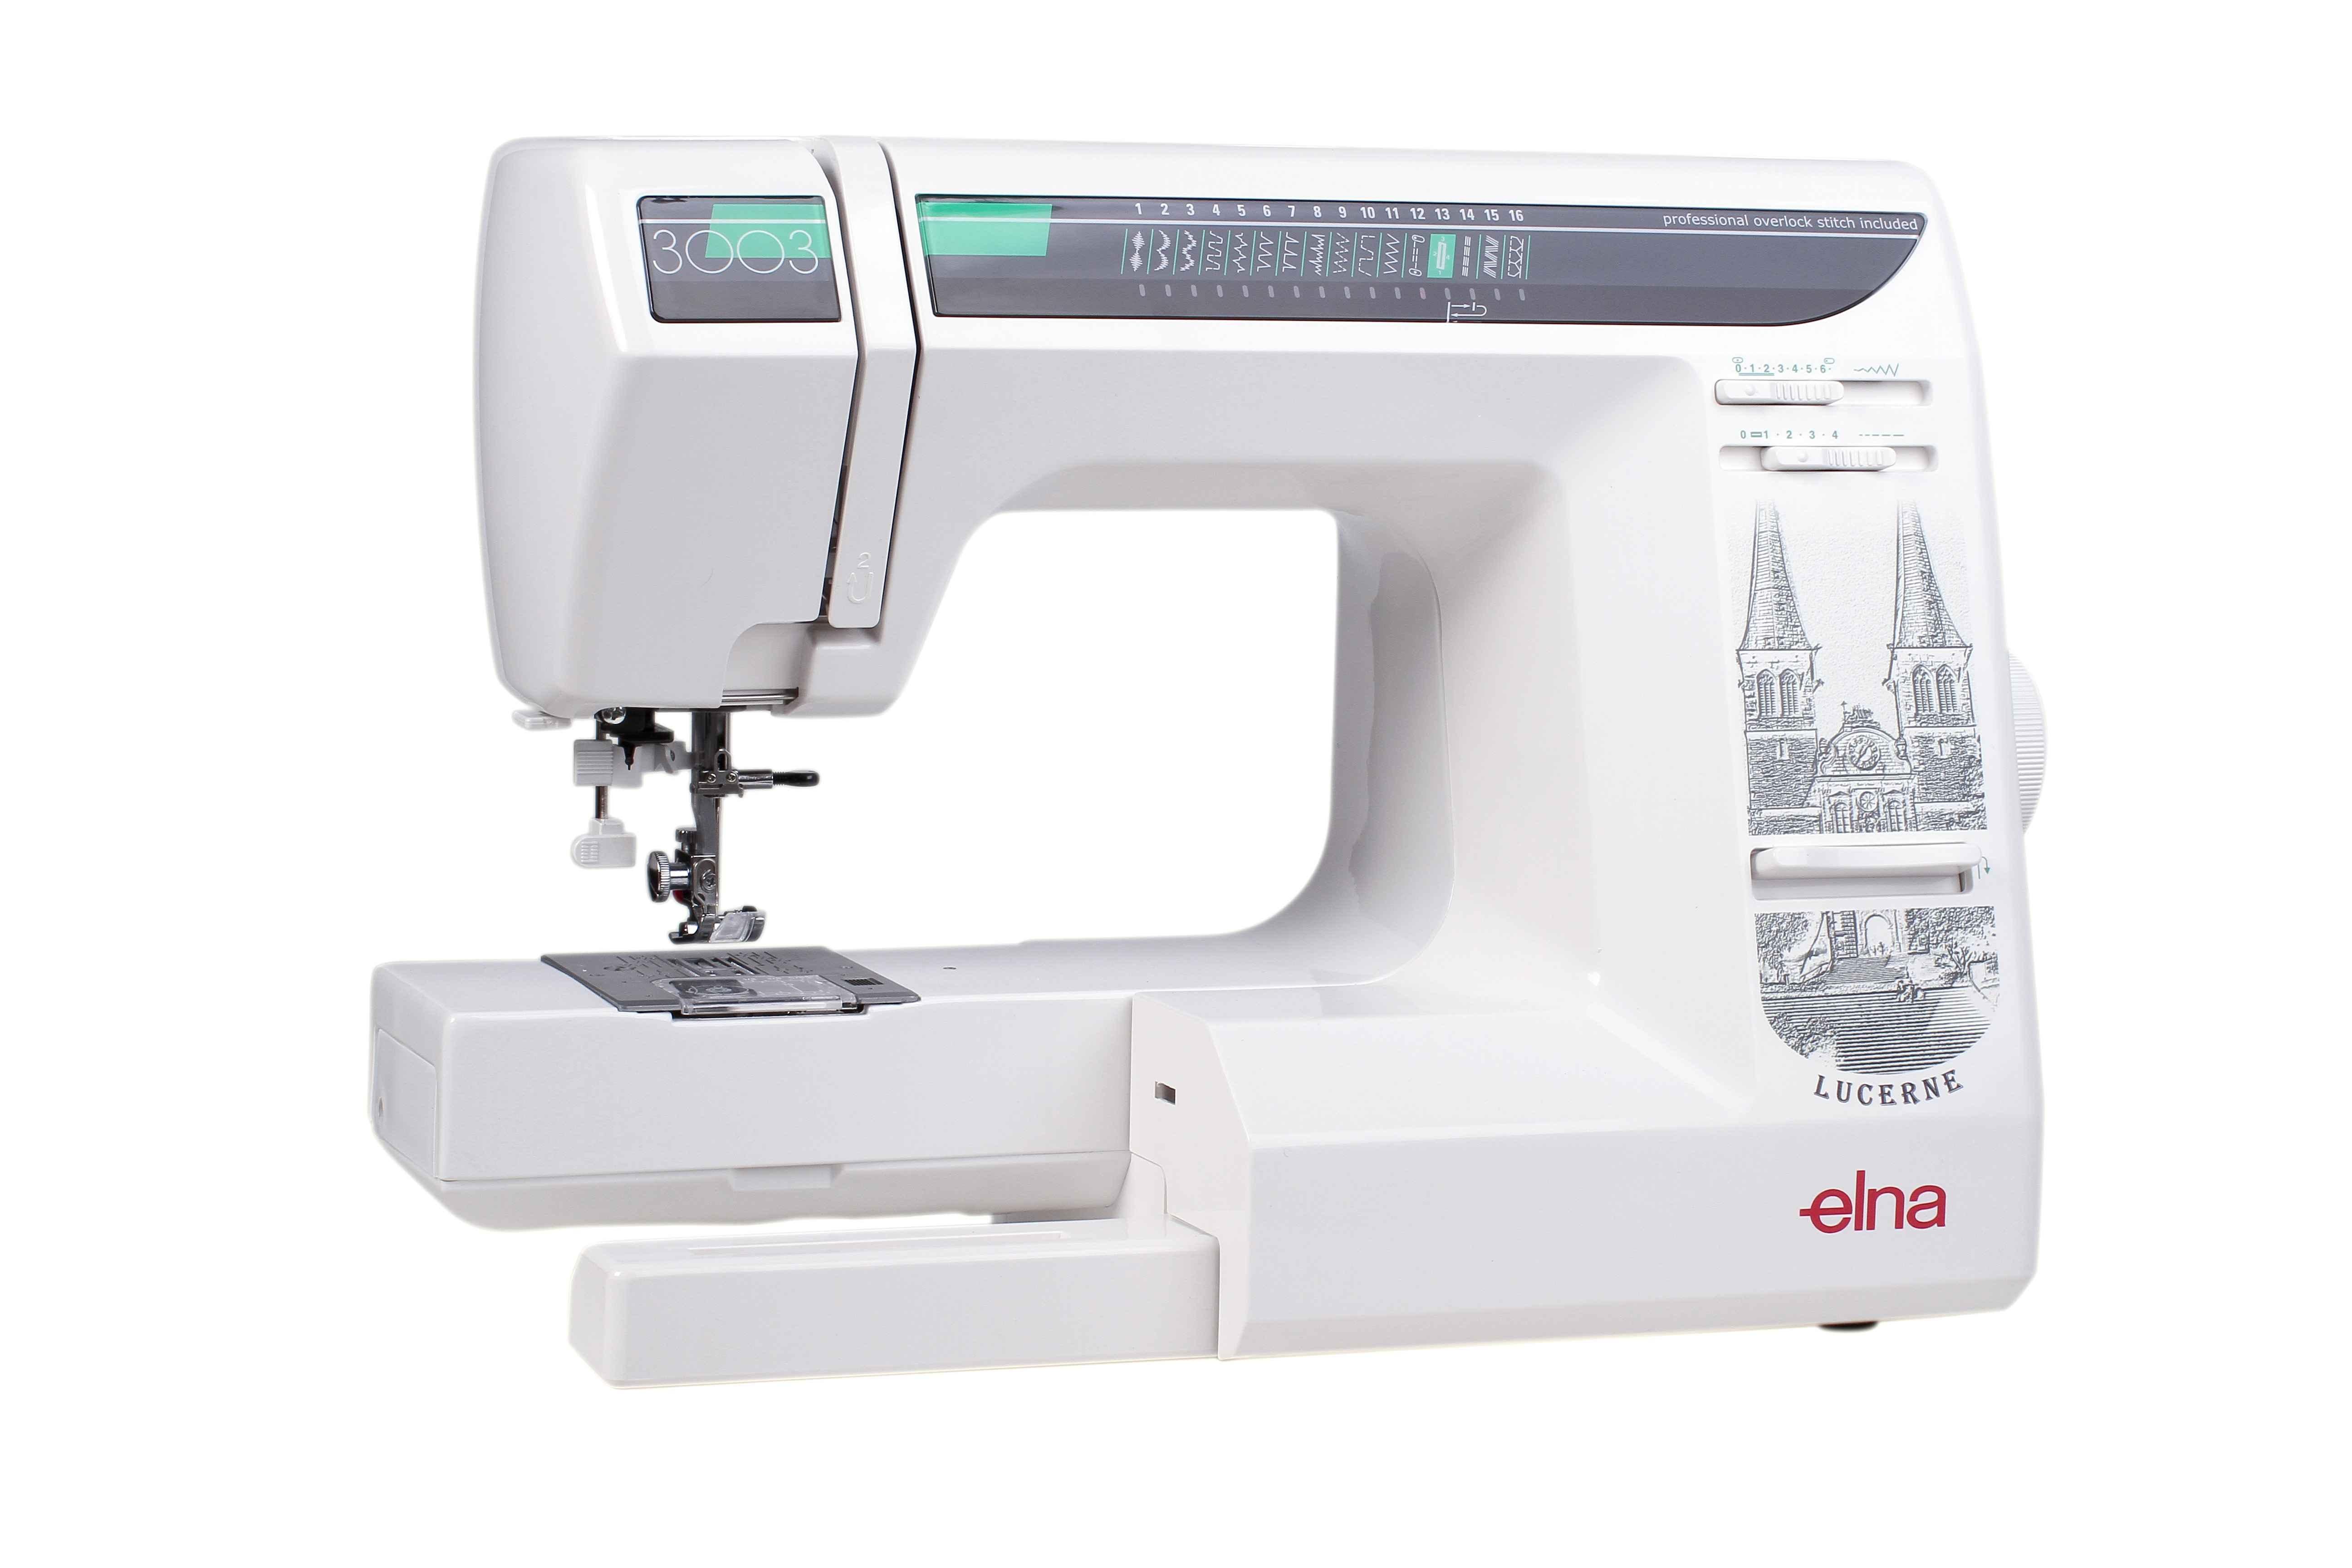 Швейная машина Elna 3003 ароматизатор новая машина